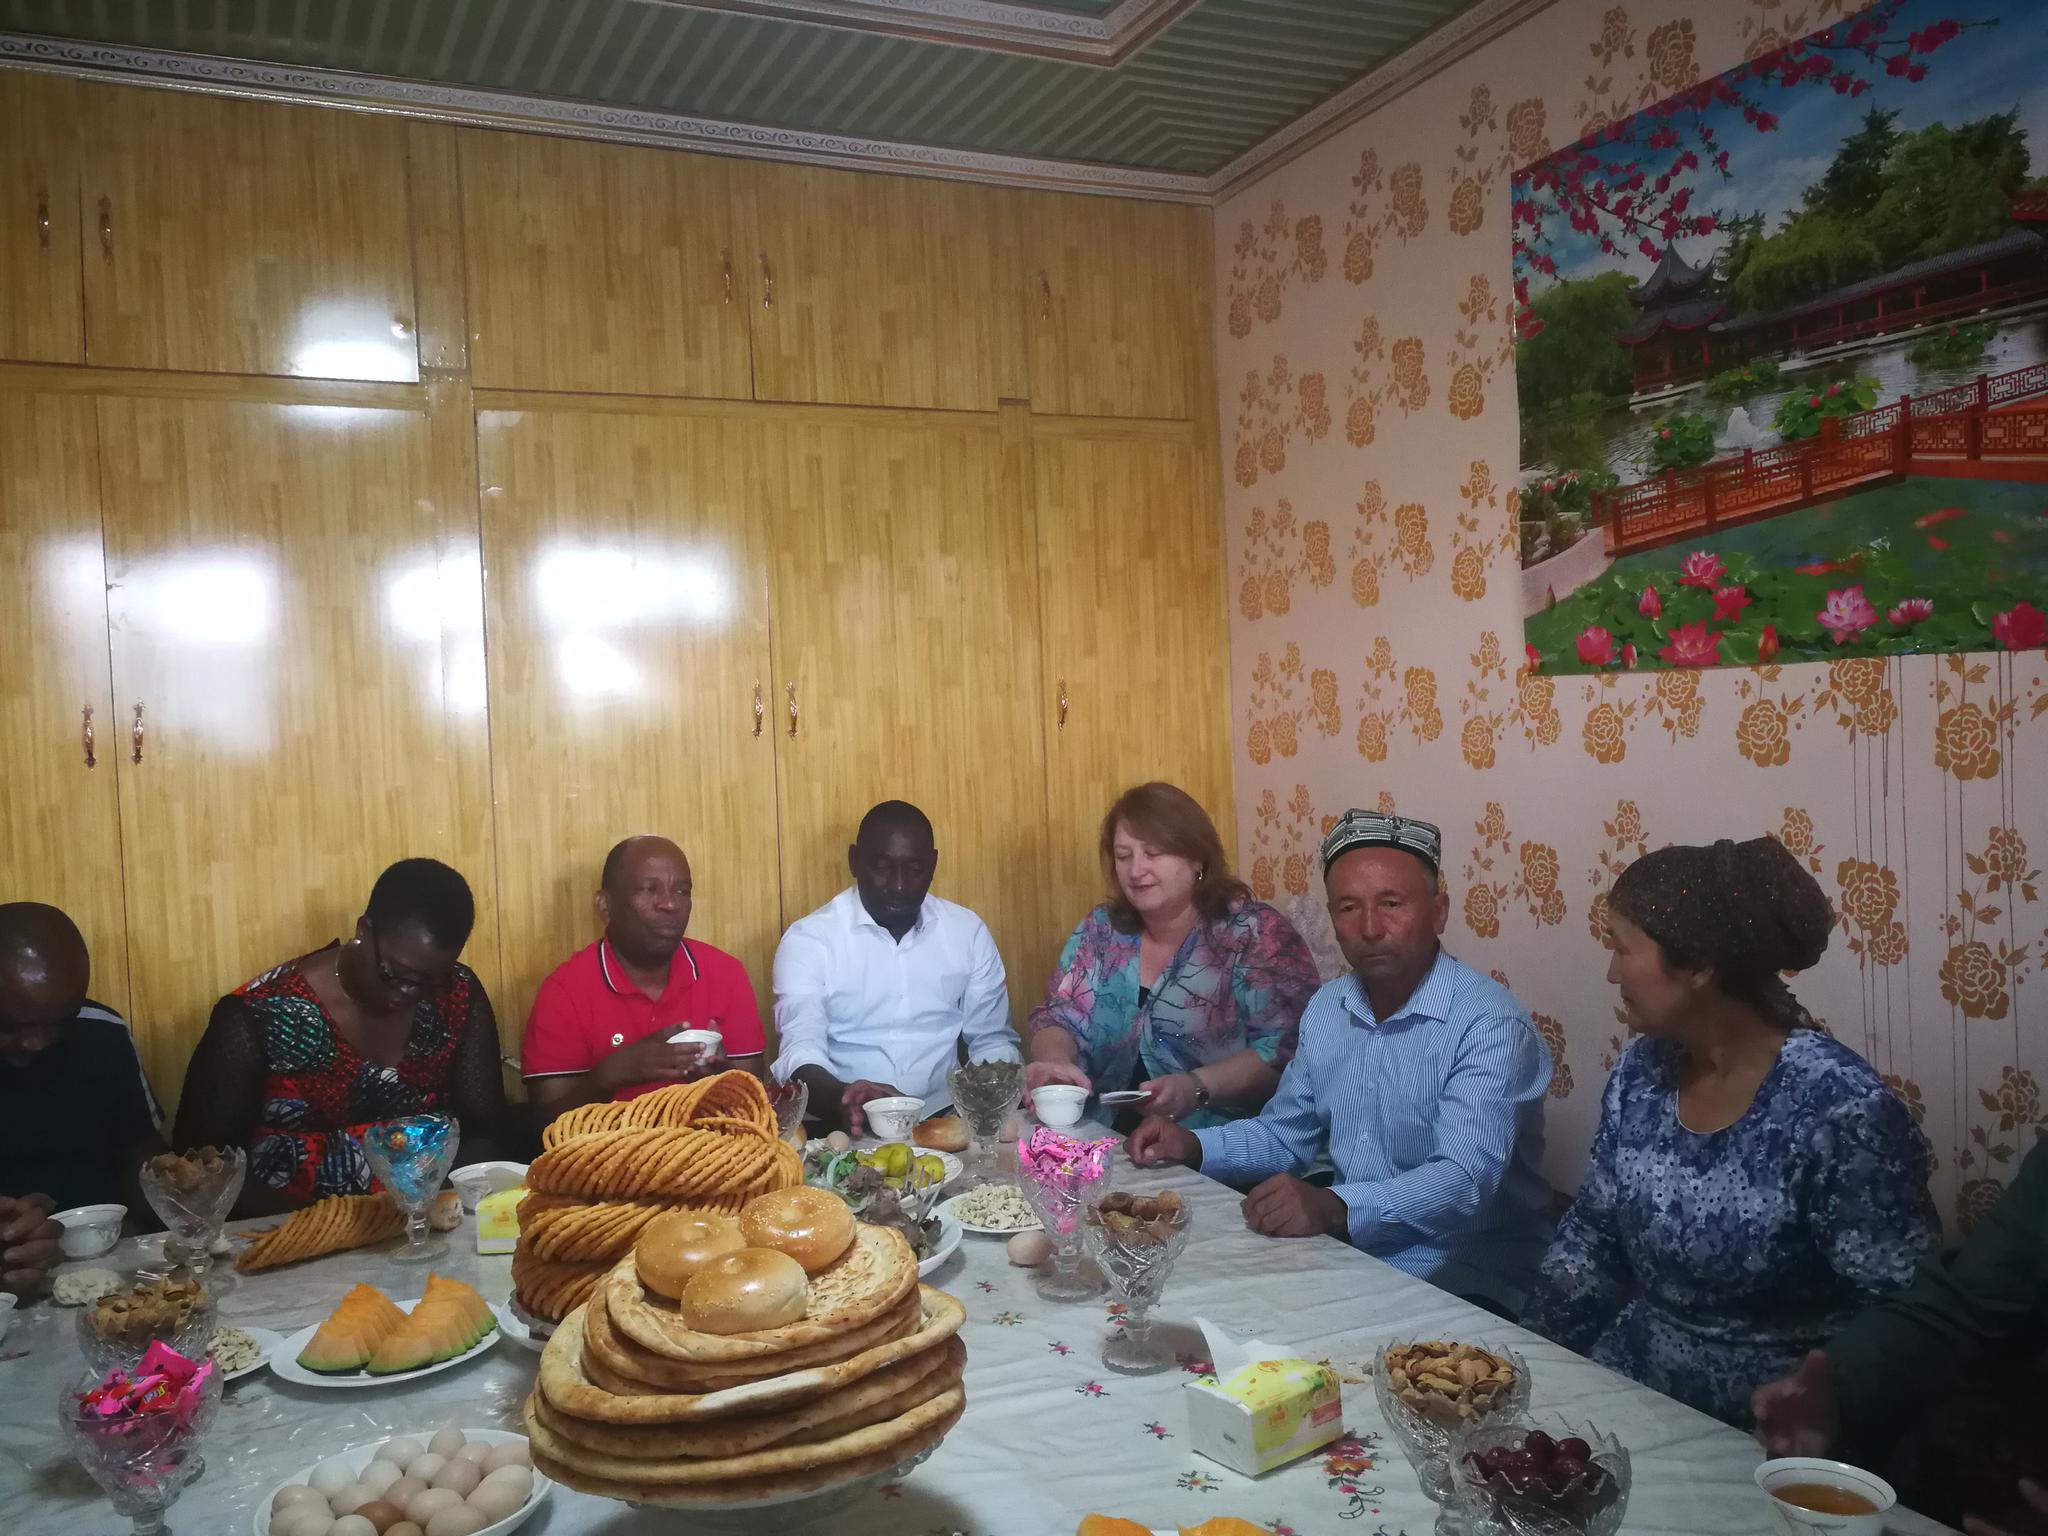 8国常驻日内瓦代表战次要交际民拜候喀什疏附县一家农户